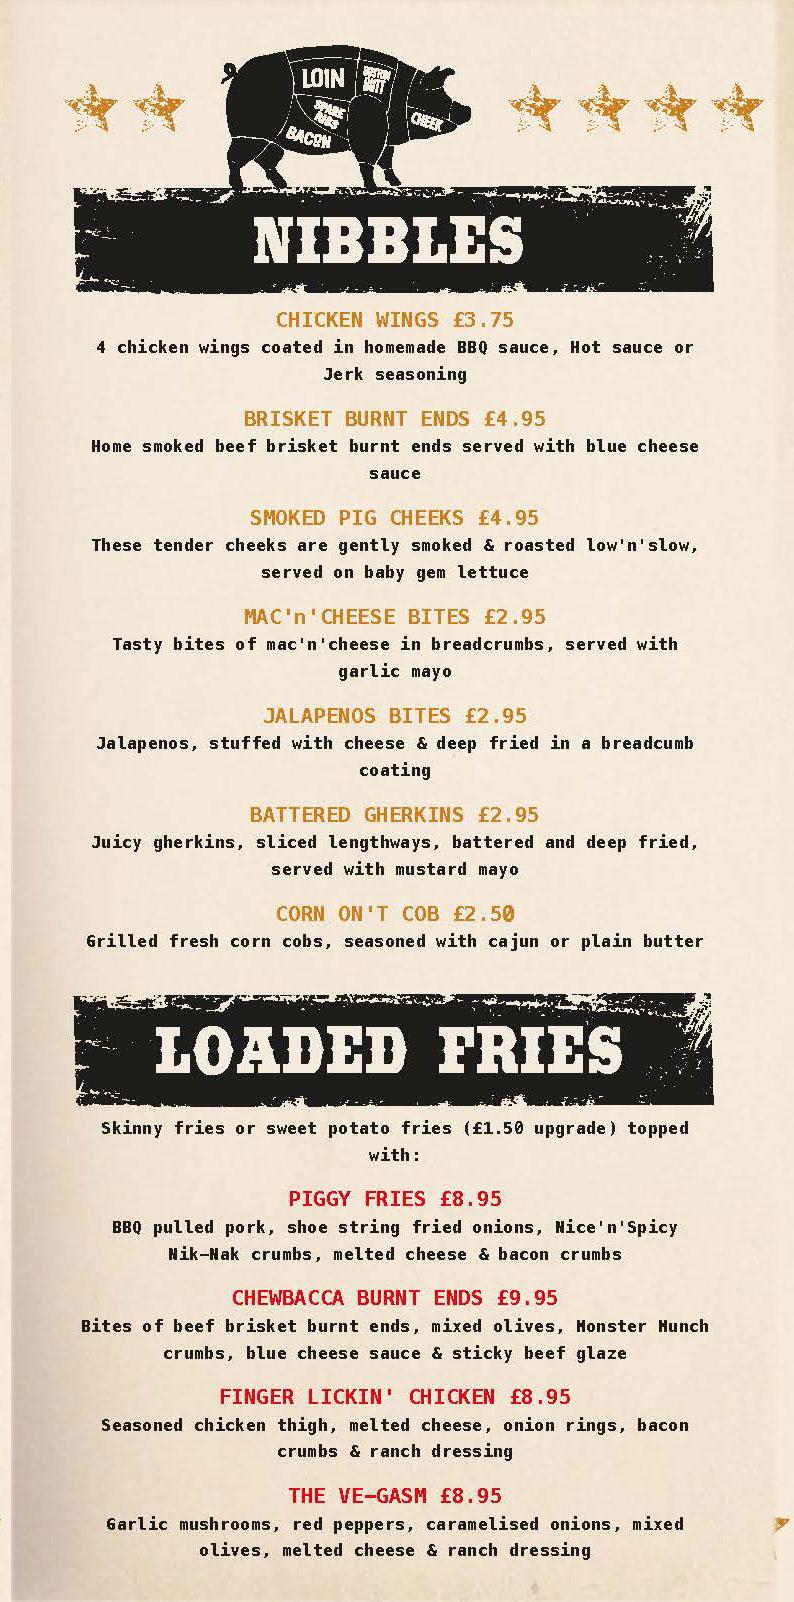 gibsons food menu